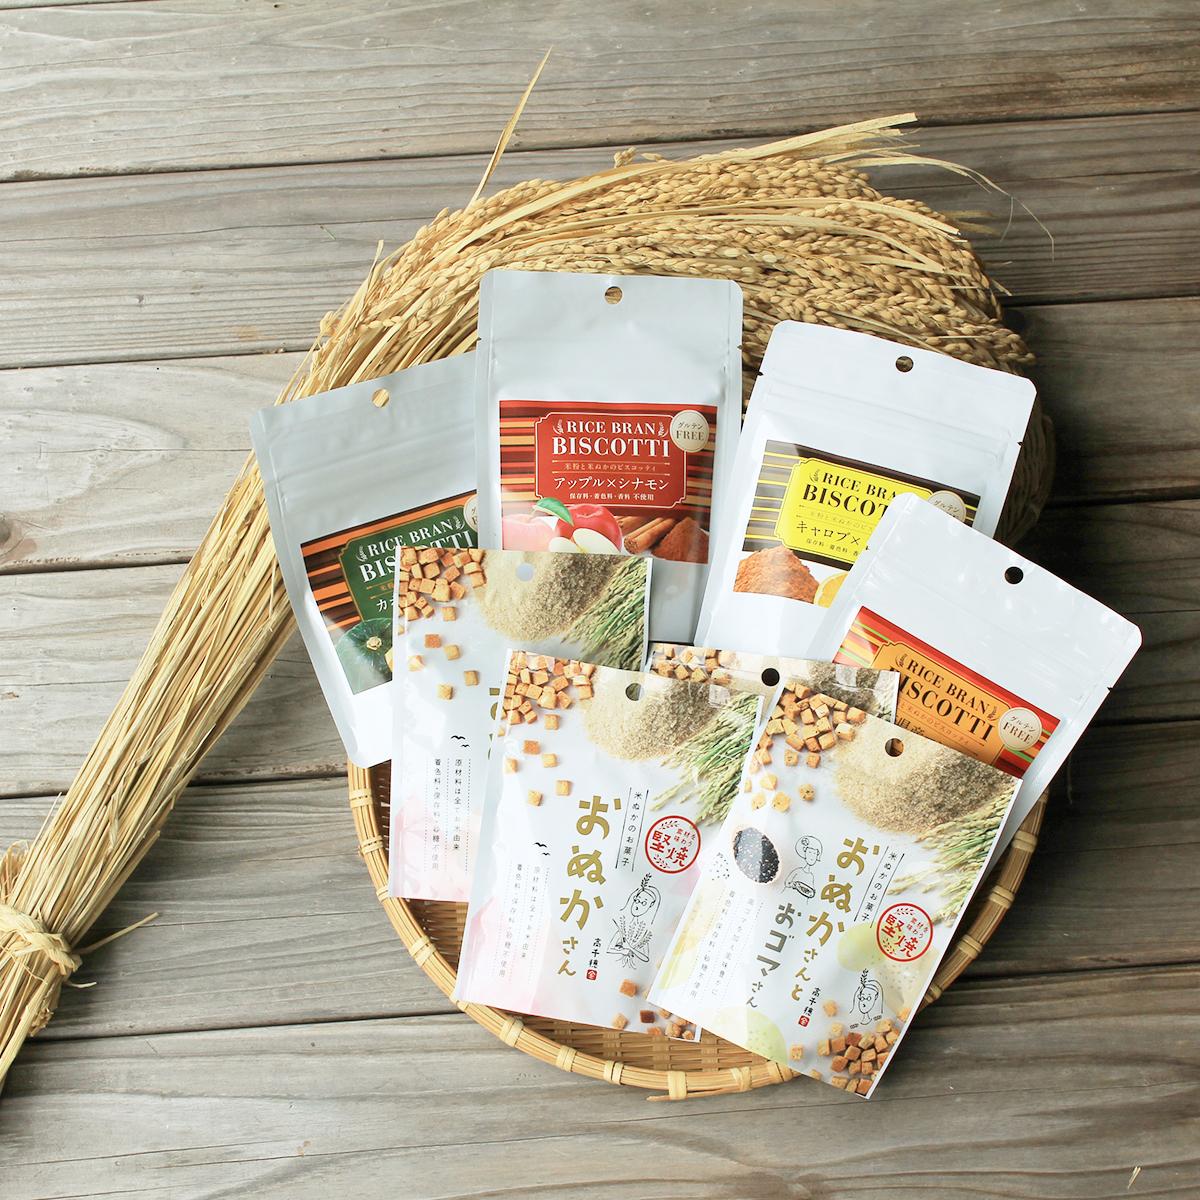 米ぬかのお菓子 8袋セット 〔おぬかさん2種×2、ビスコッティ4種、各40g〕 お菓子 米ぬか 宮崎 高千穂ムラたび